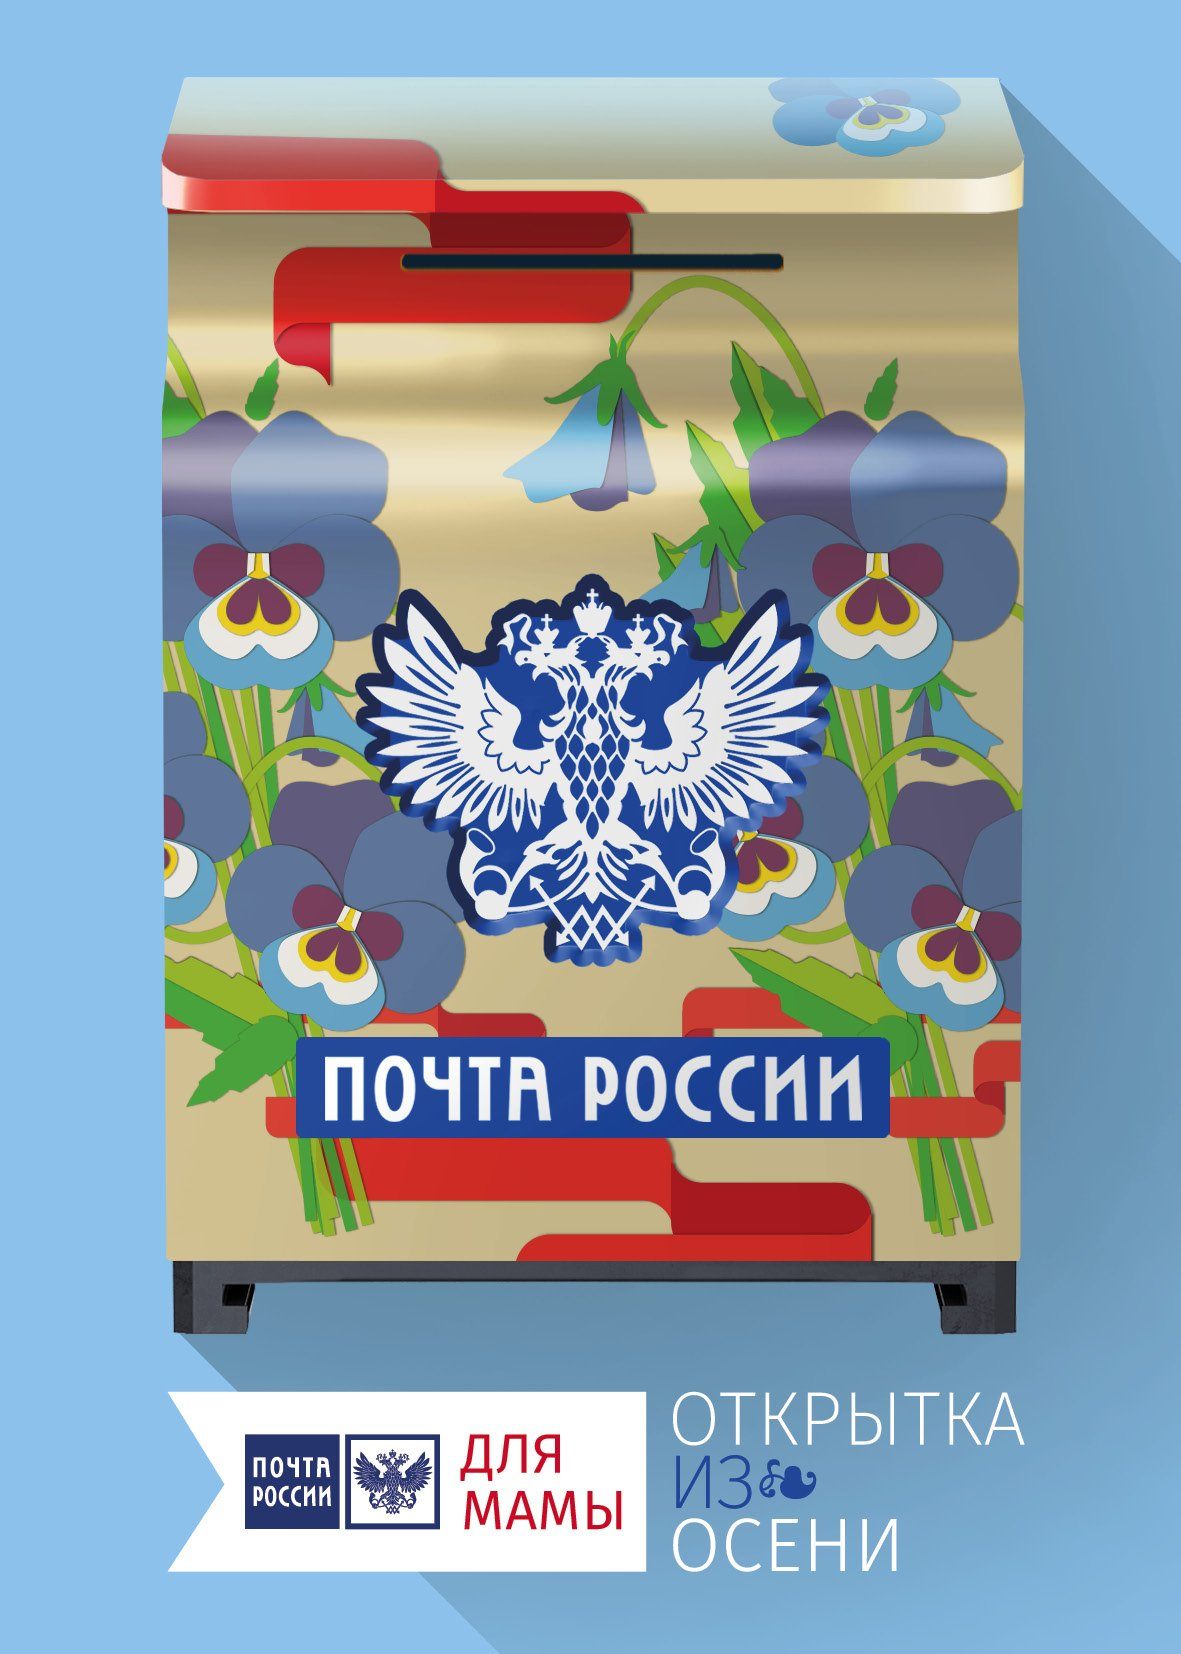 Смешные, открытка с сайта почта россии